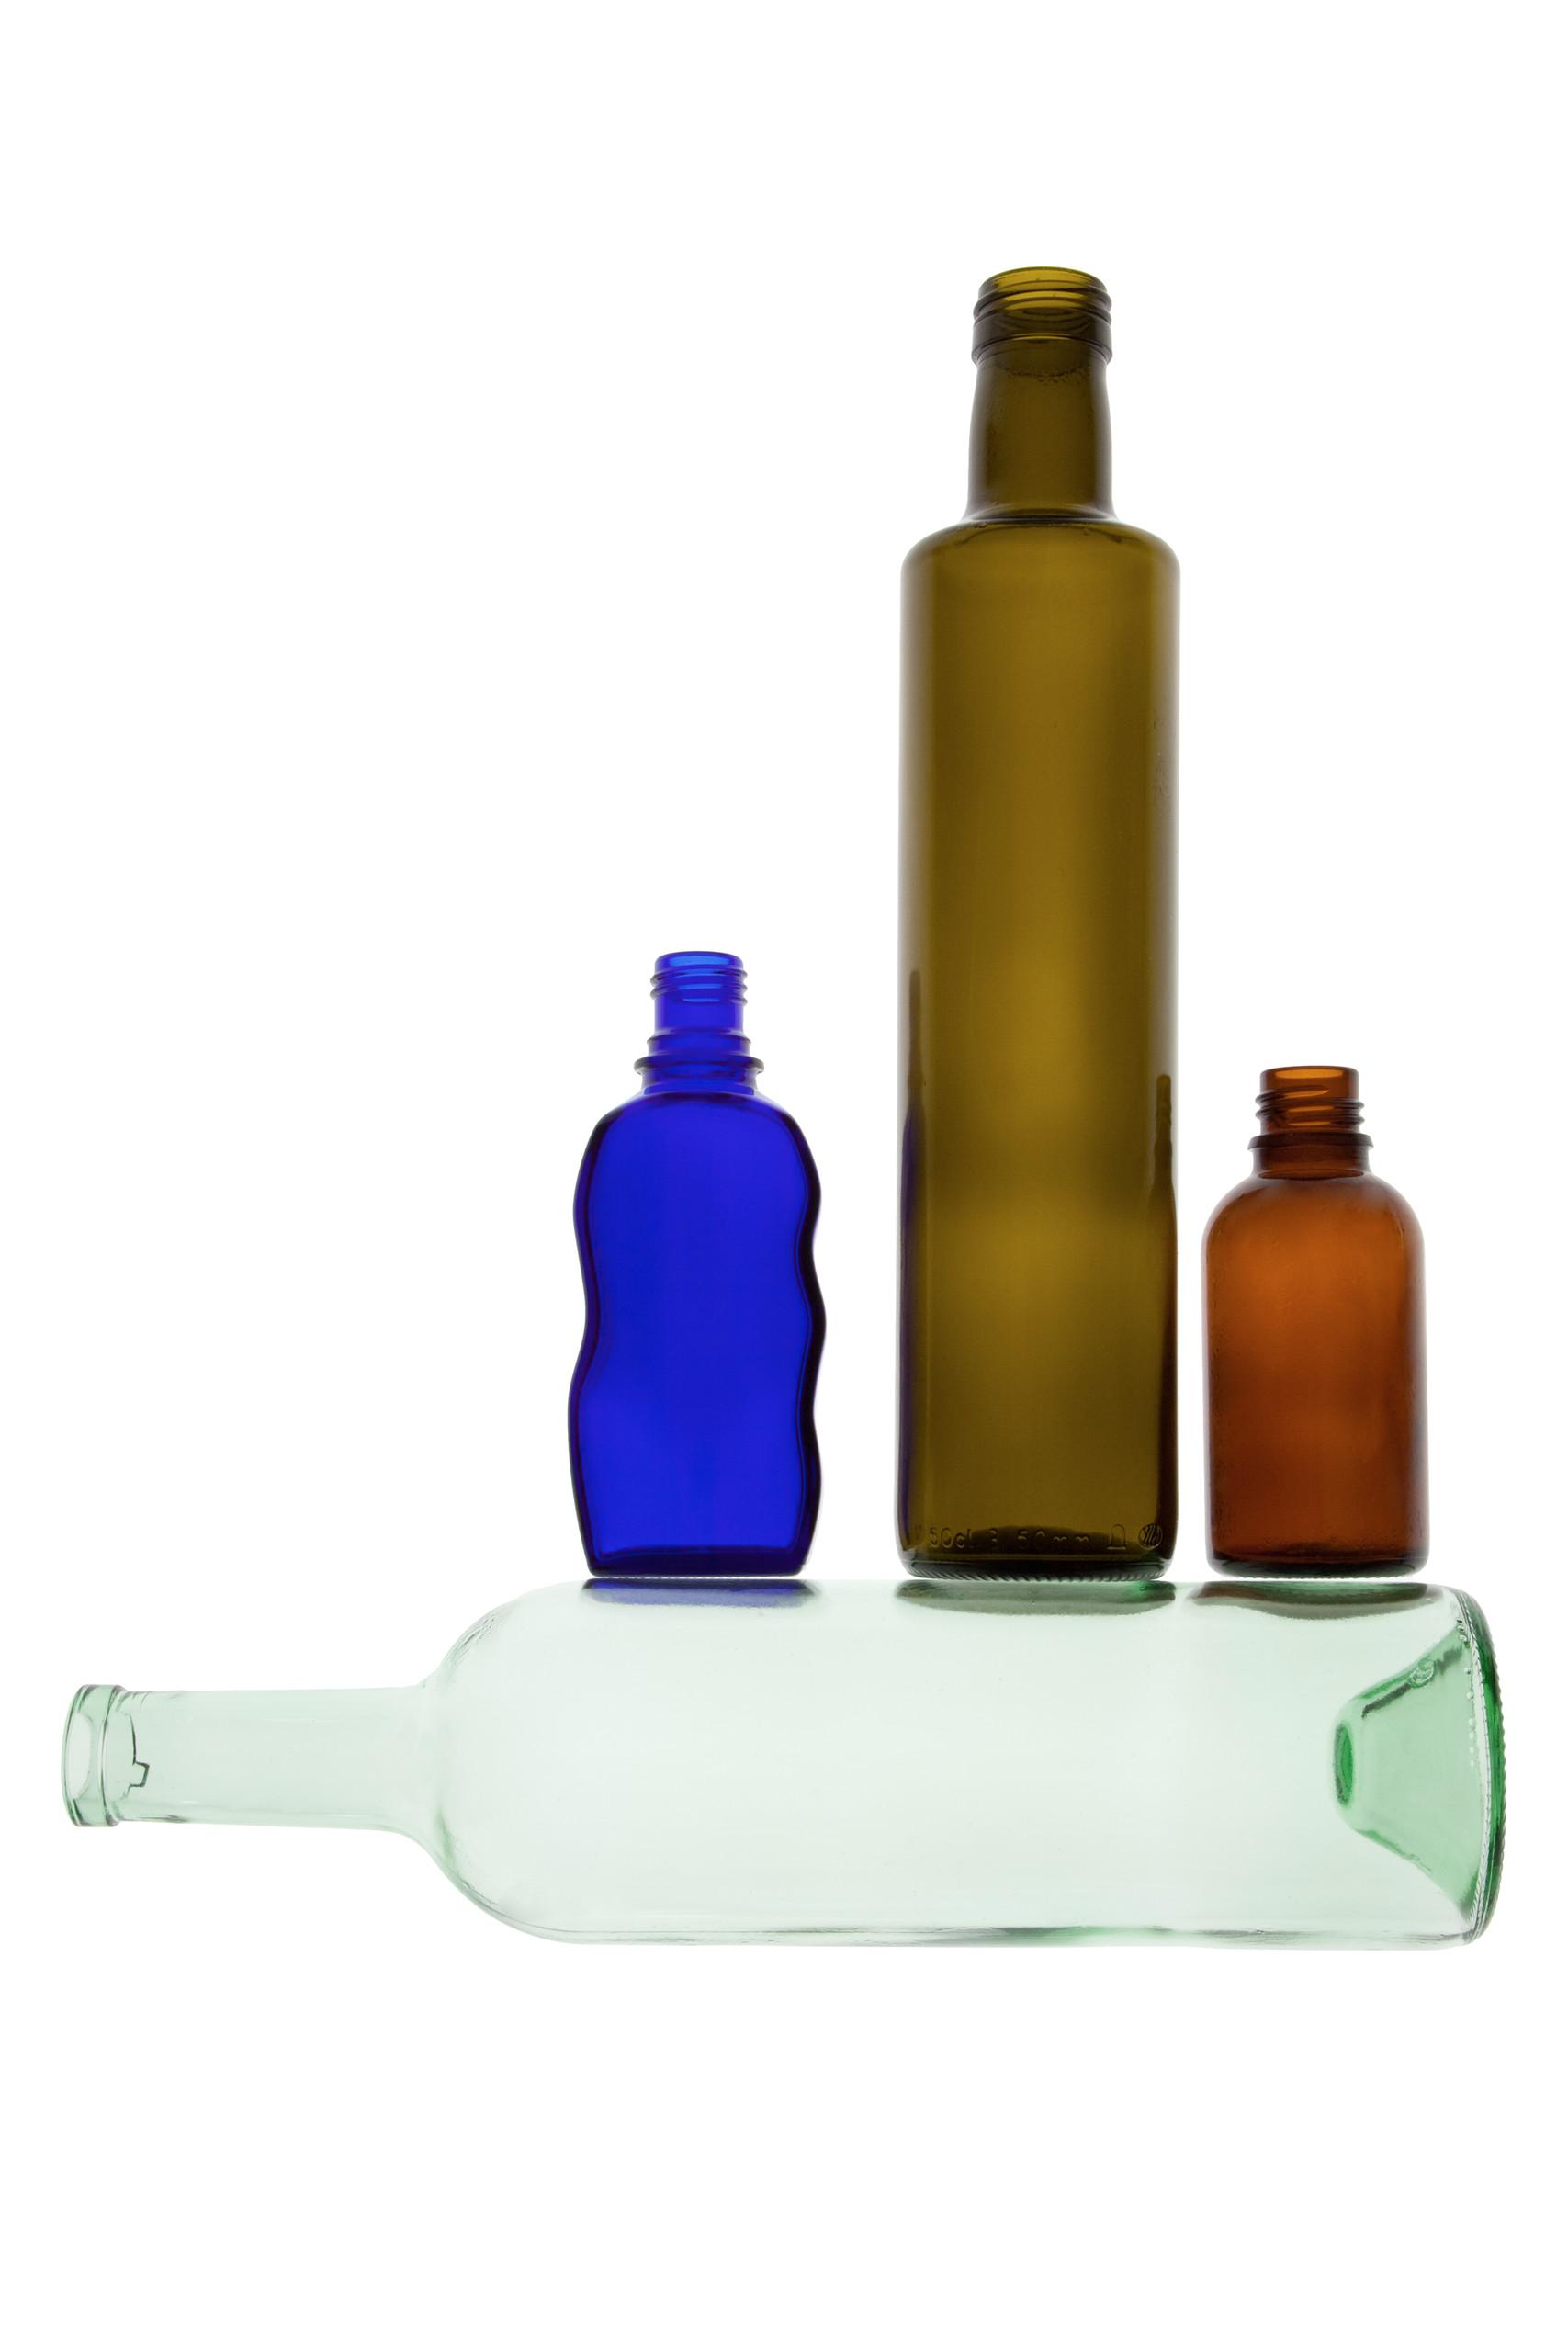 Mehrere gefärbte Glasflaschen stehen auf einer querliegenden hellgrünen Glasflasche.